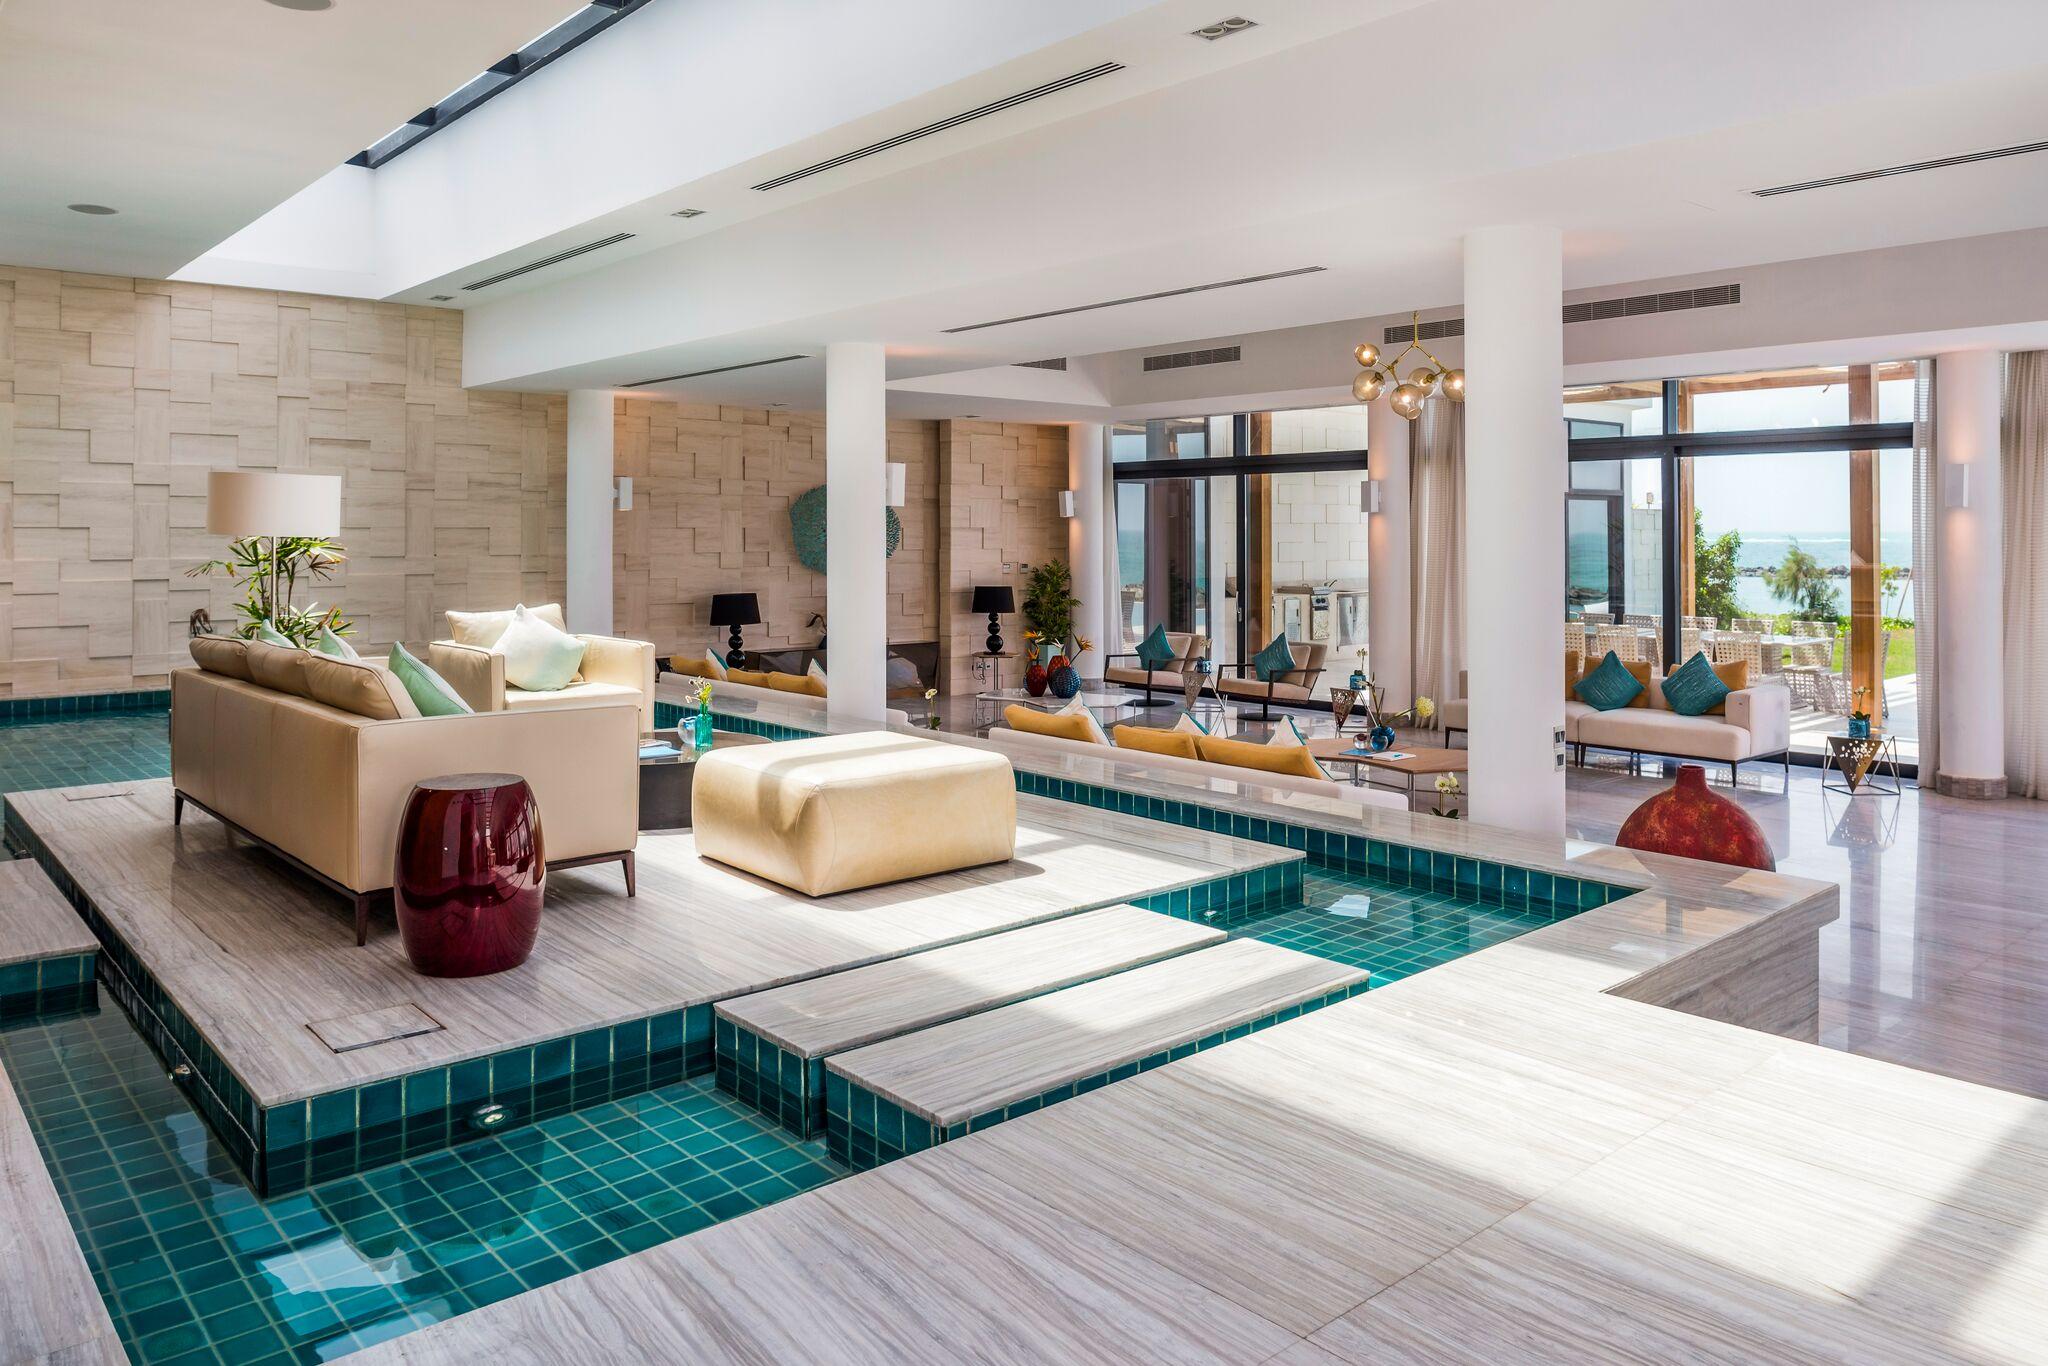 Dubai Real Estate : Dubai real estate a rising investment